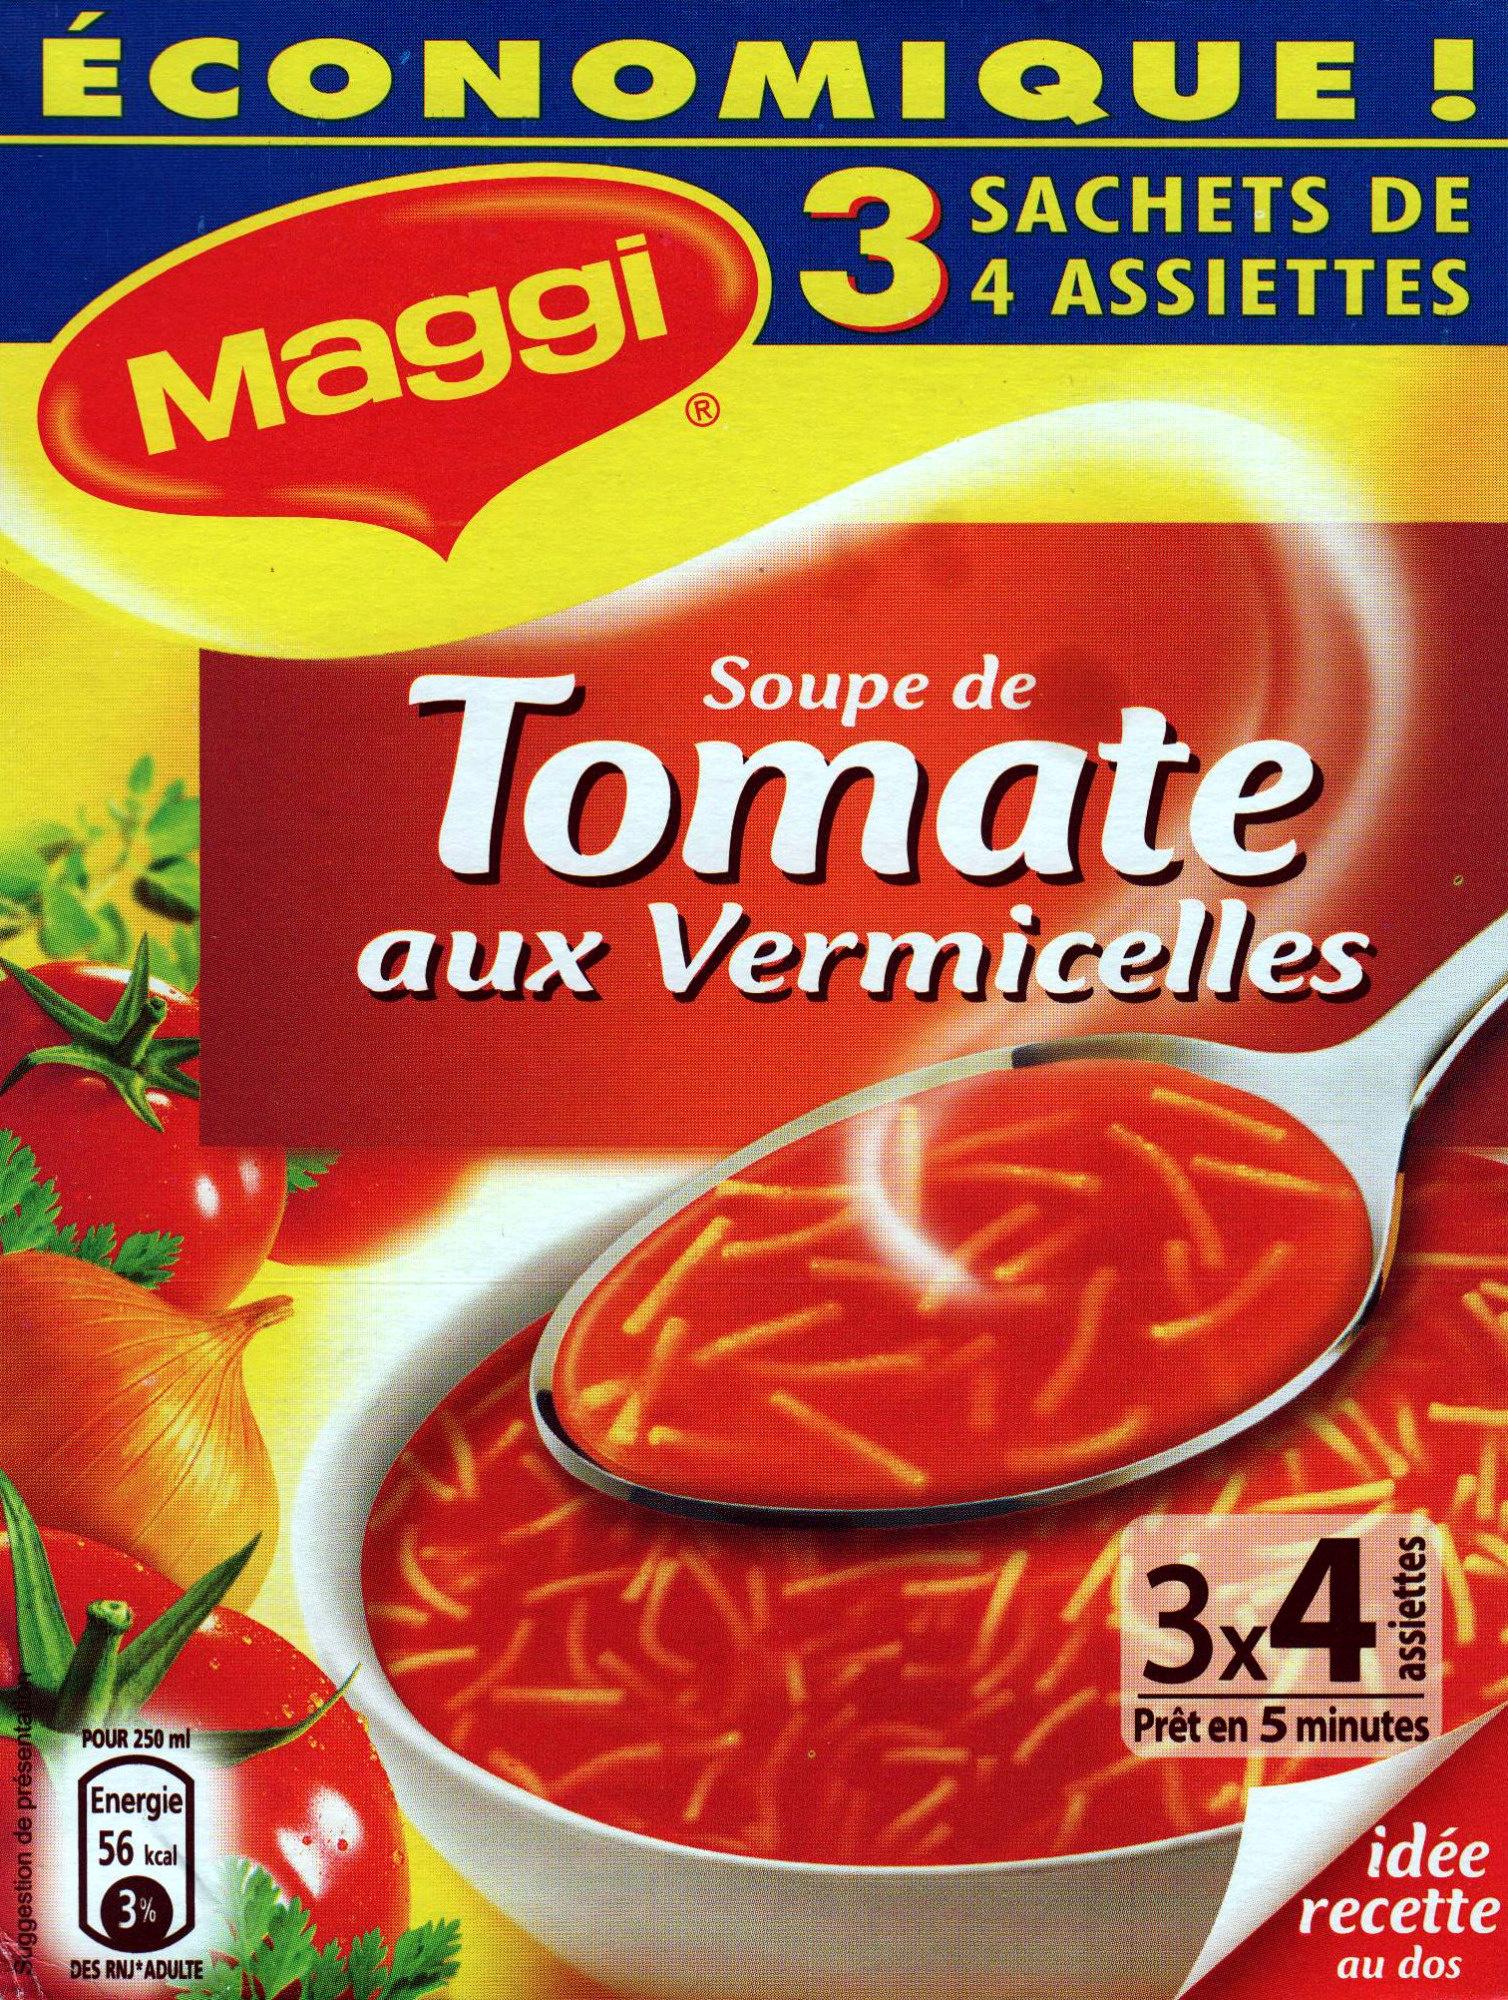 Maggi soupe de tomate aux vermicelles - Product - fr